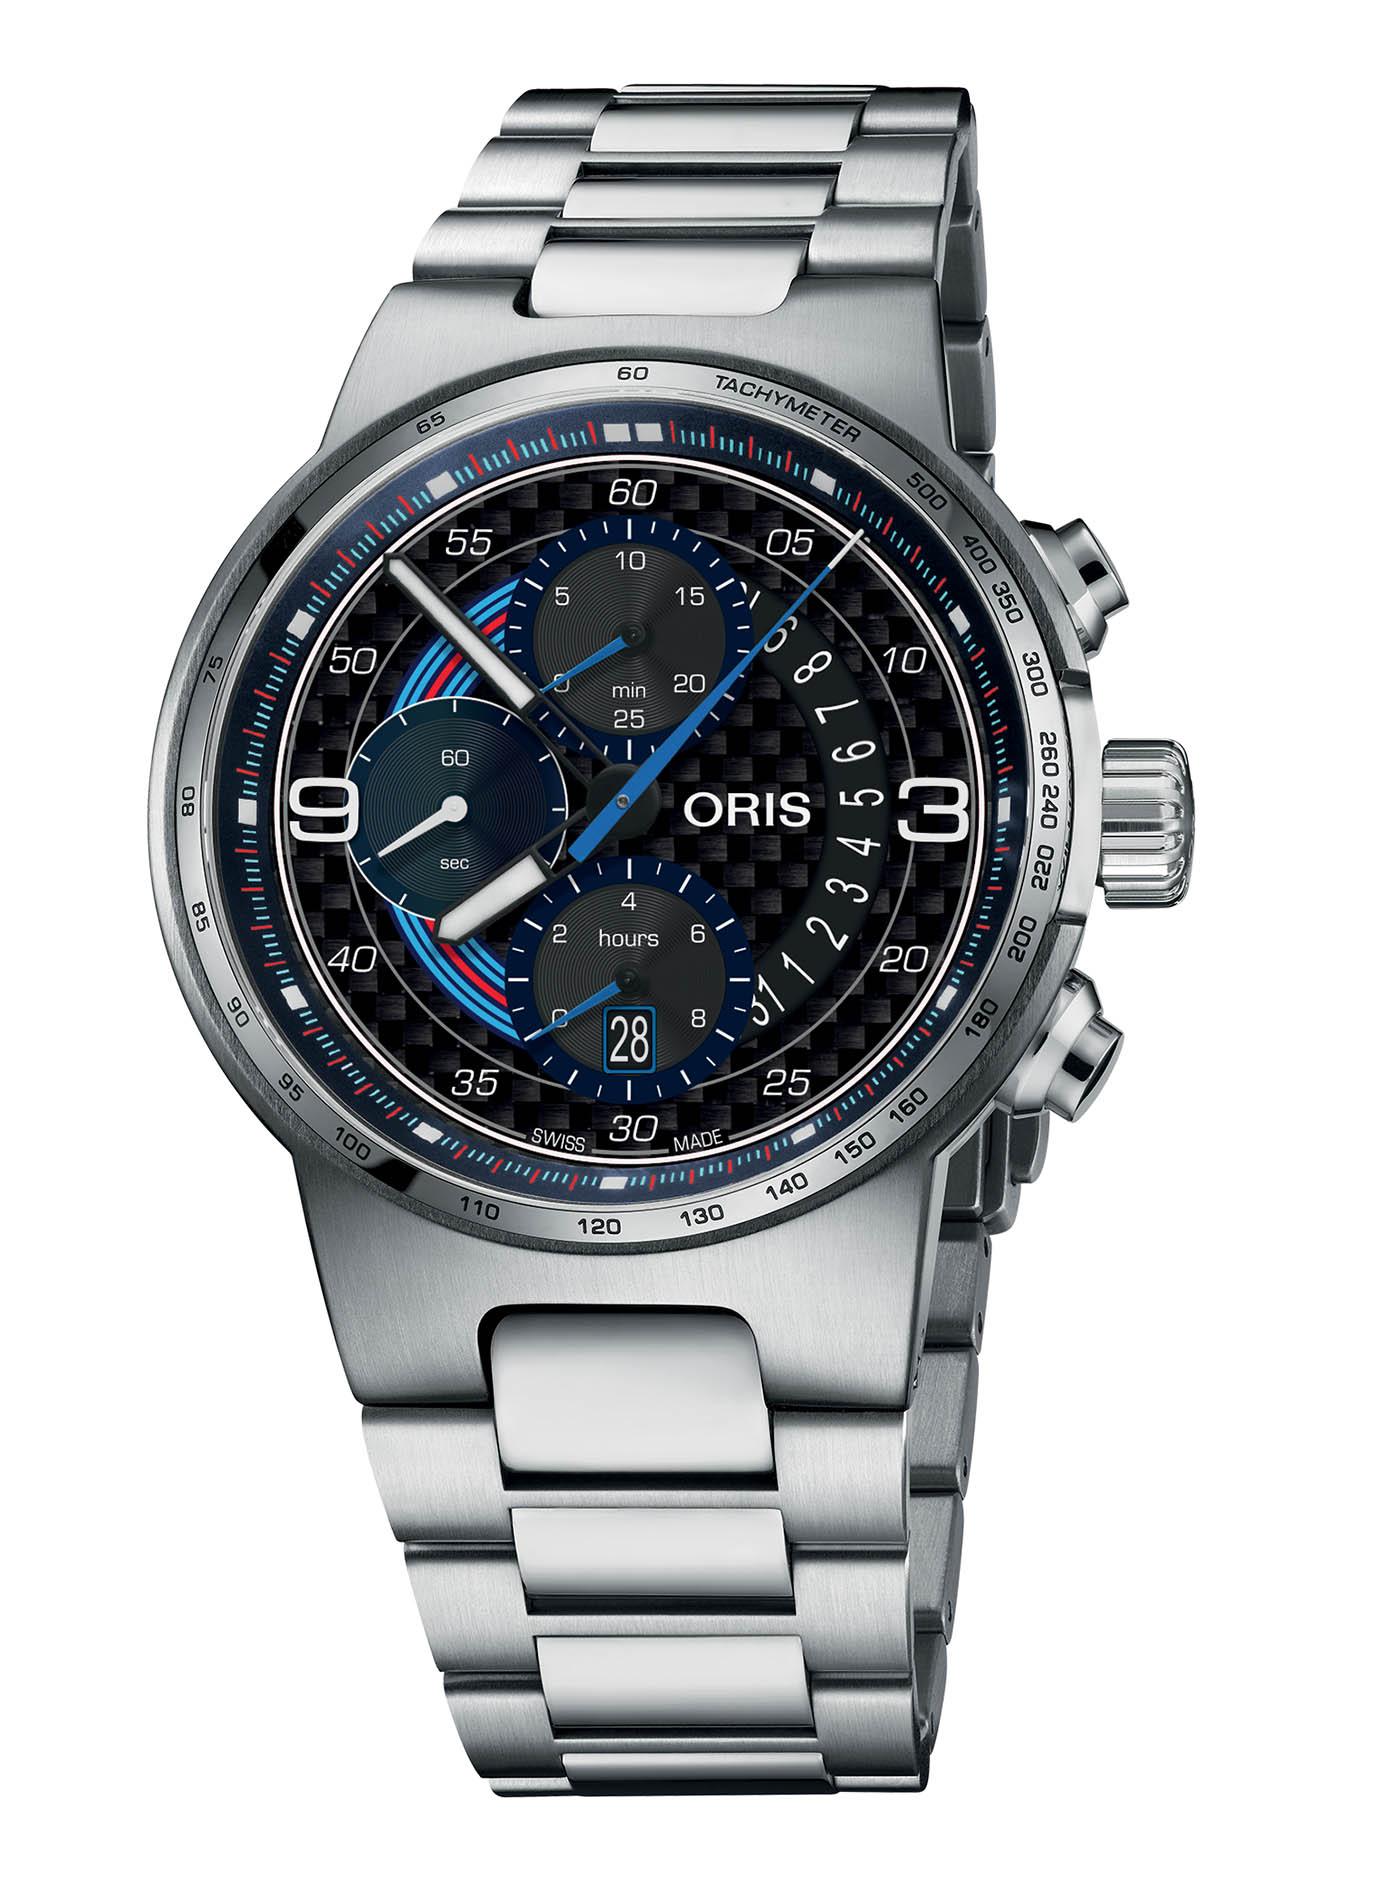 Oris Martini Racing Limited Edition Chronograph 2018